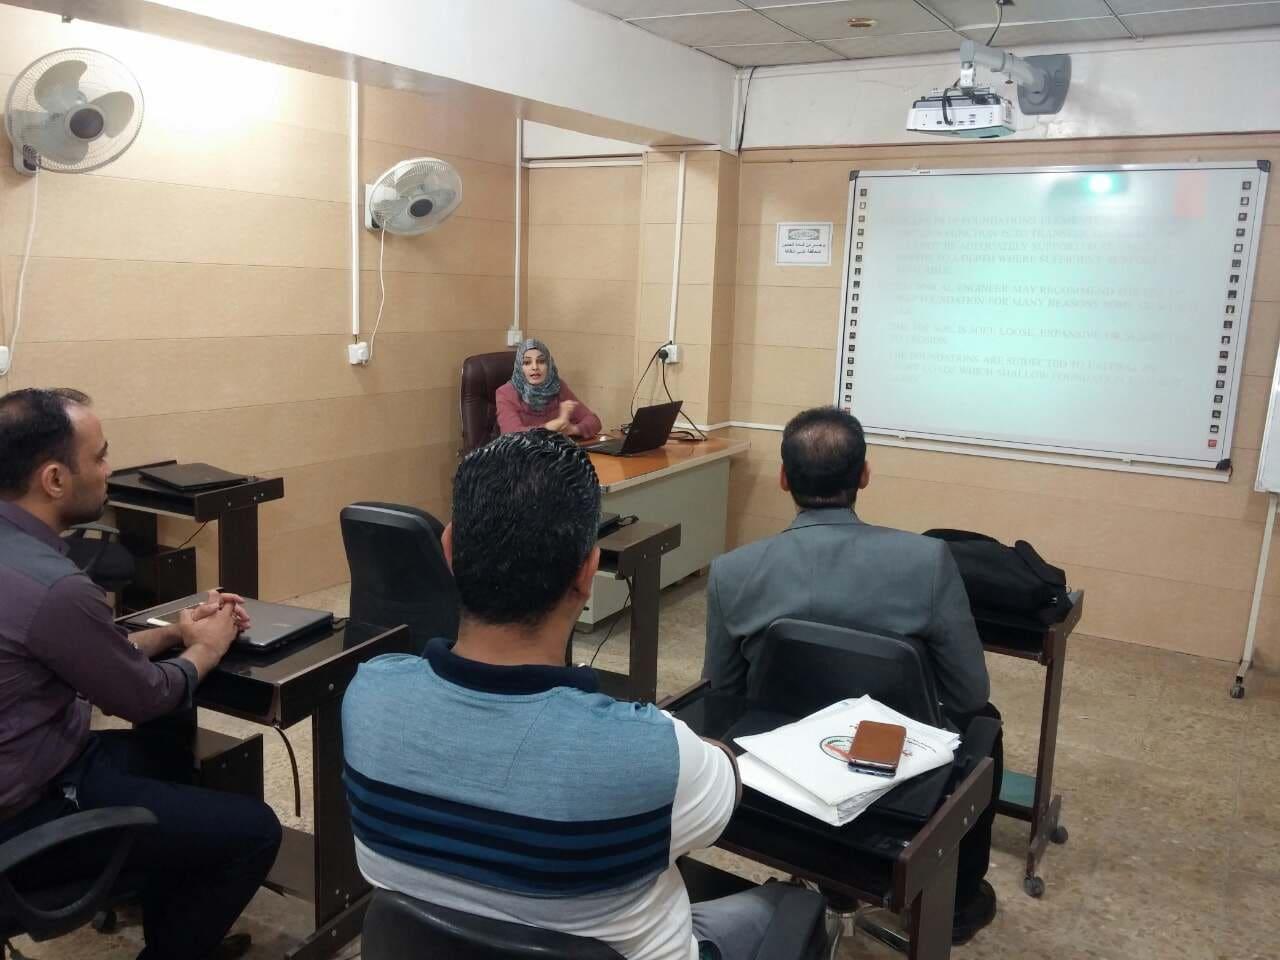 كلية الهندسة تقيم ورشة علمية حول انواع وطرق تحليل الاسس العميقة (الركائز)